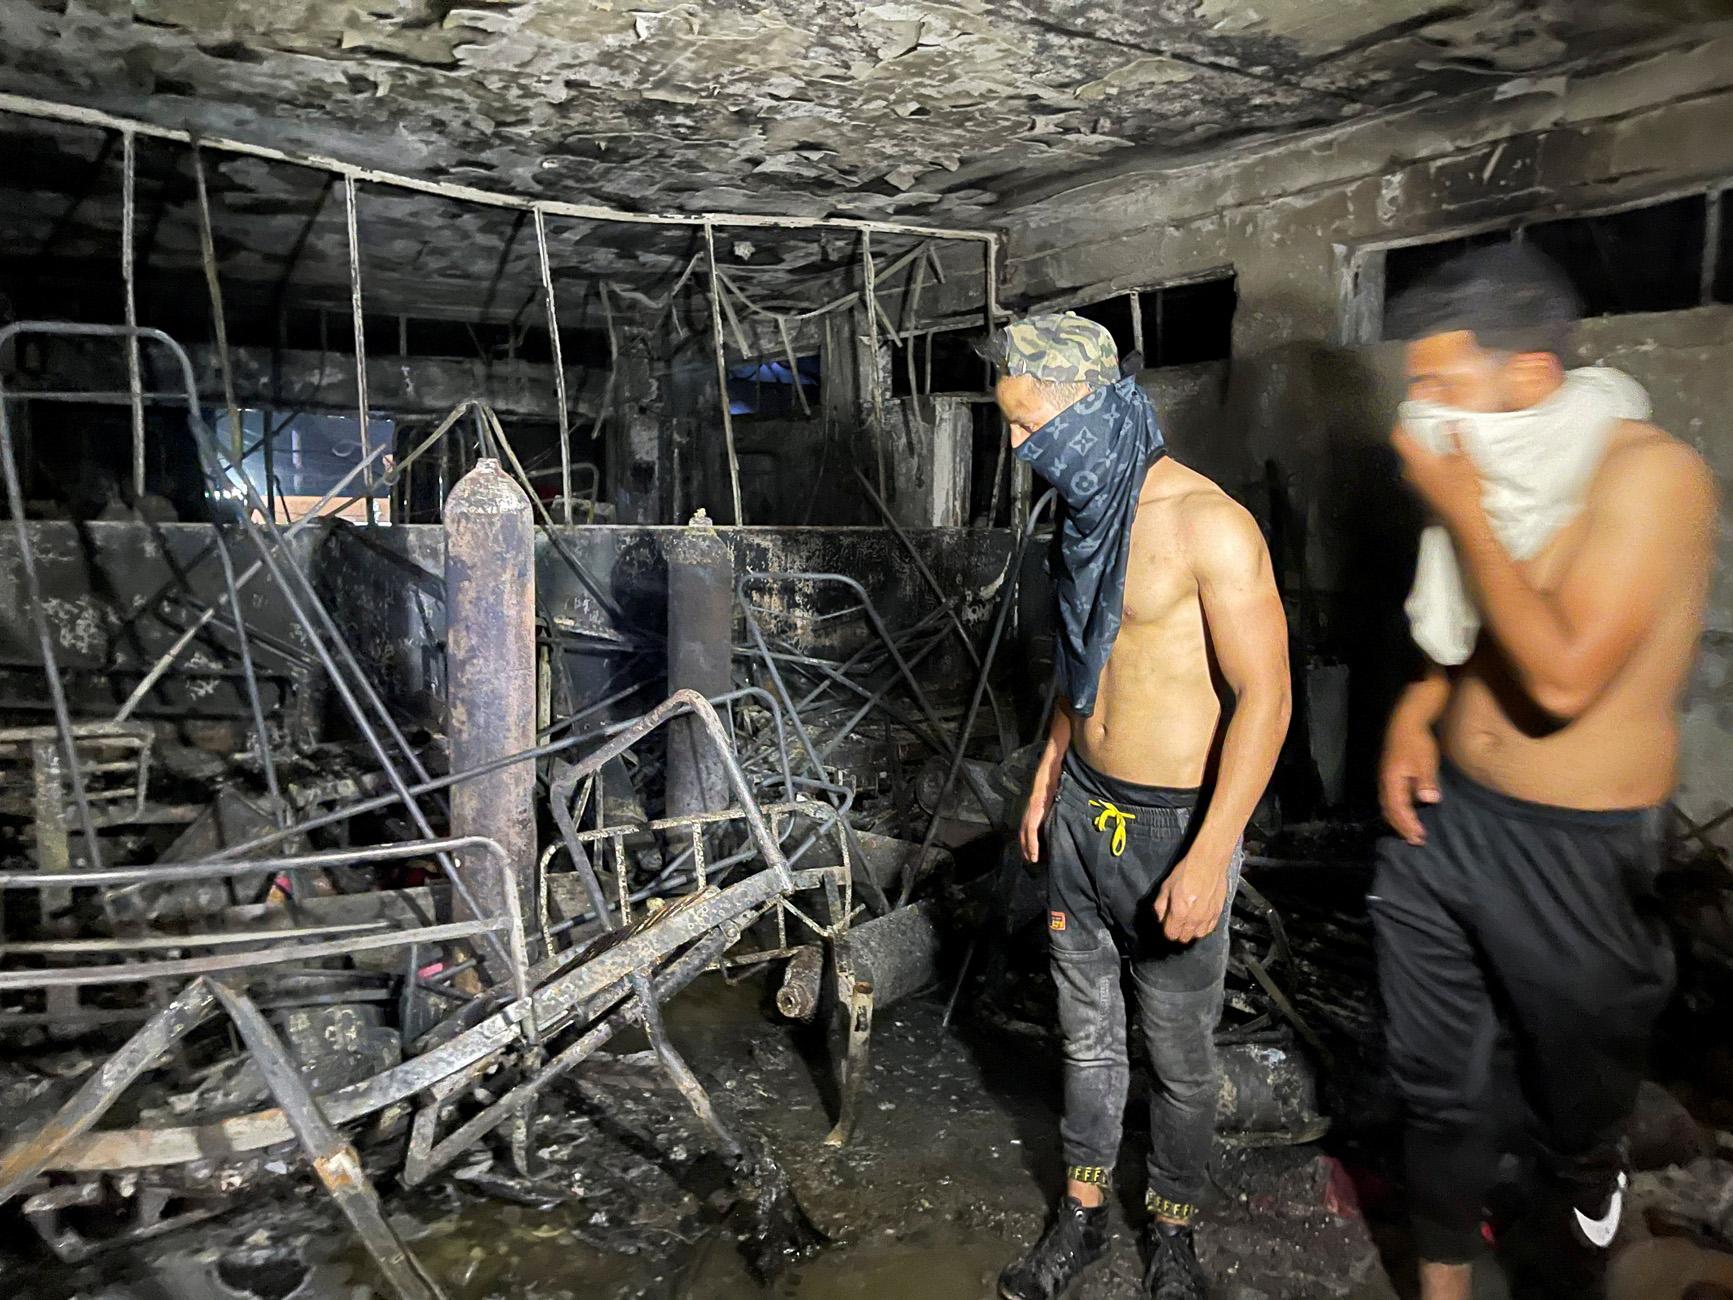 Ιράκ: Δεκάδες νεκροί μετά από φωτιά σε νοσοκομείο κορονοϊού στη Βαγδάτη